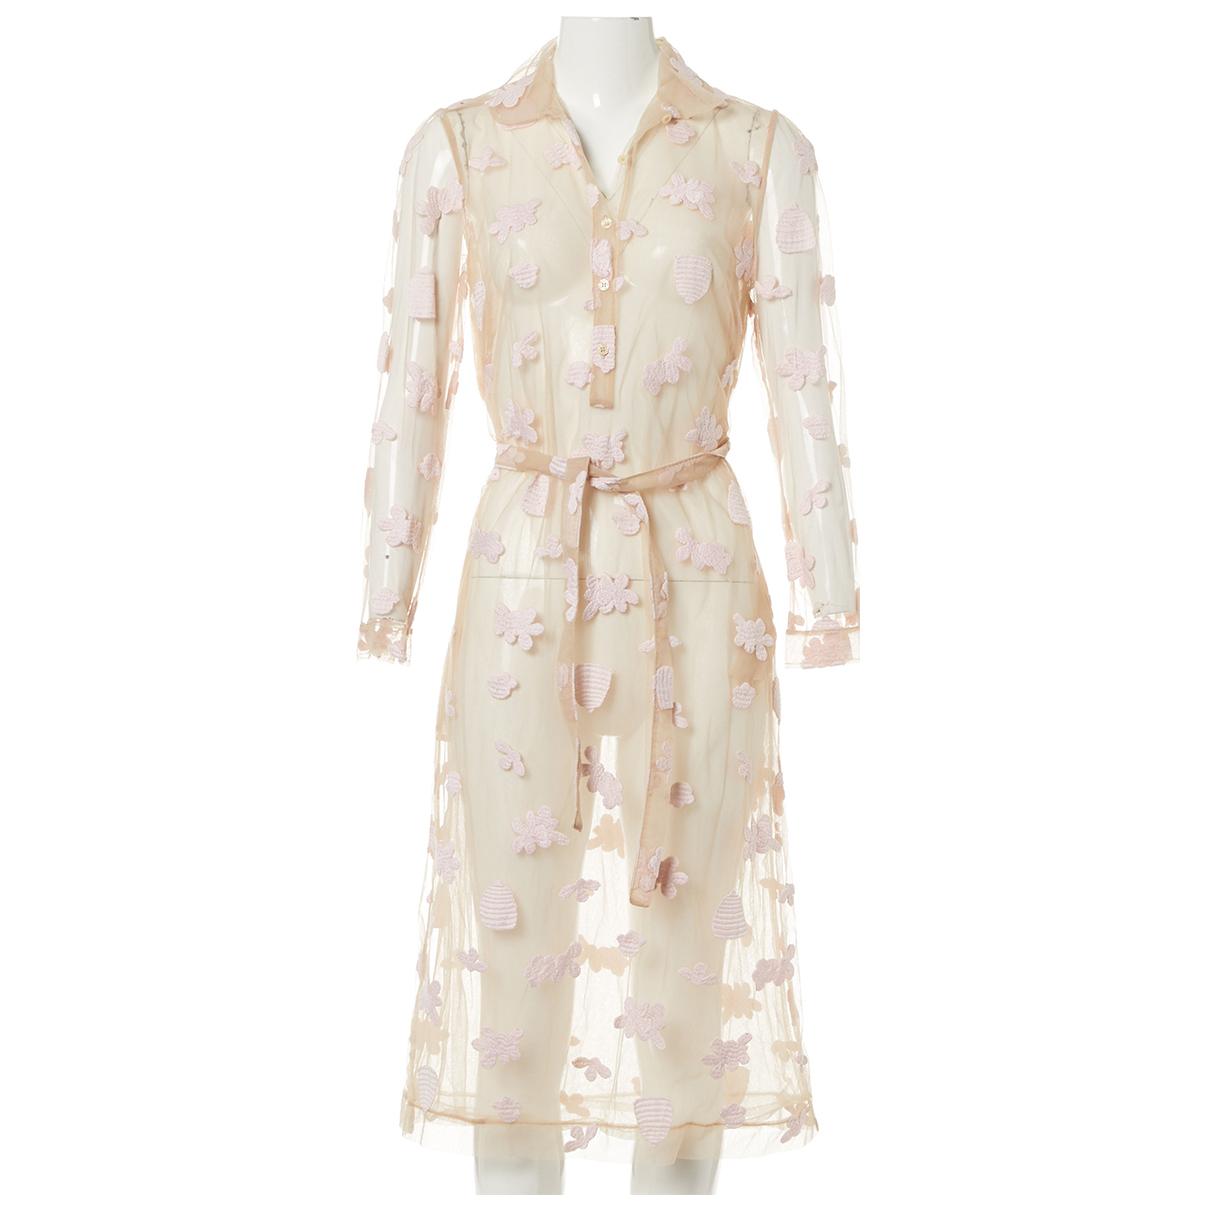 Simone Rocha \N Beige dress for Women 36 FR